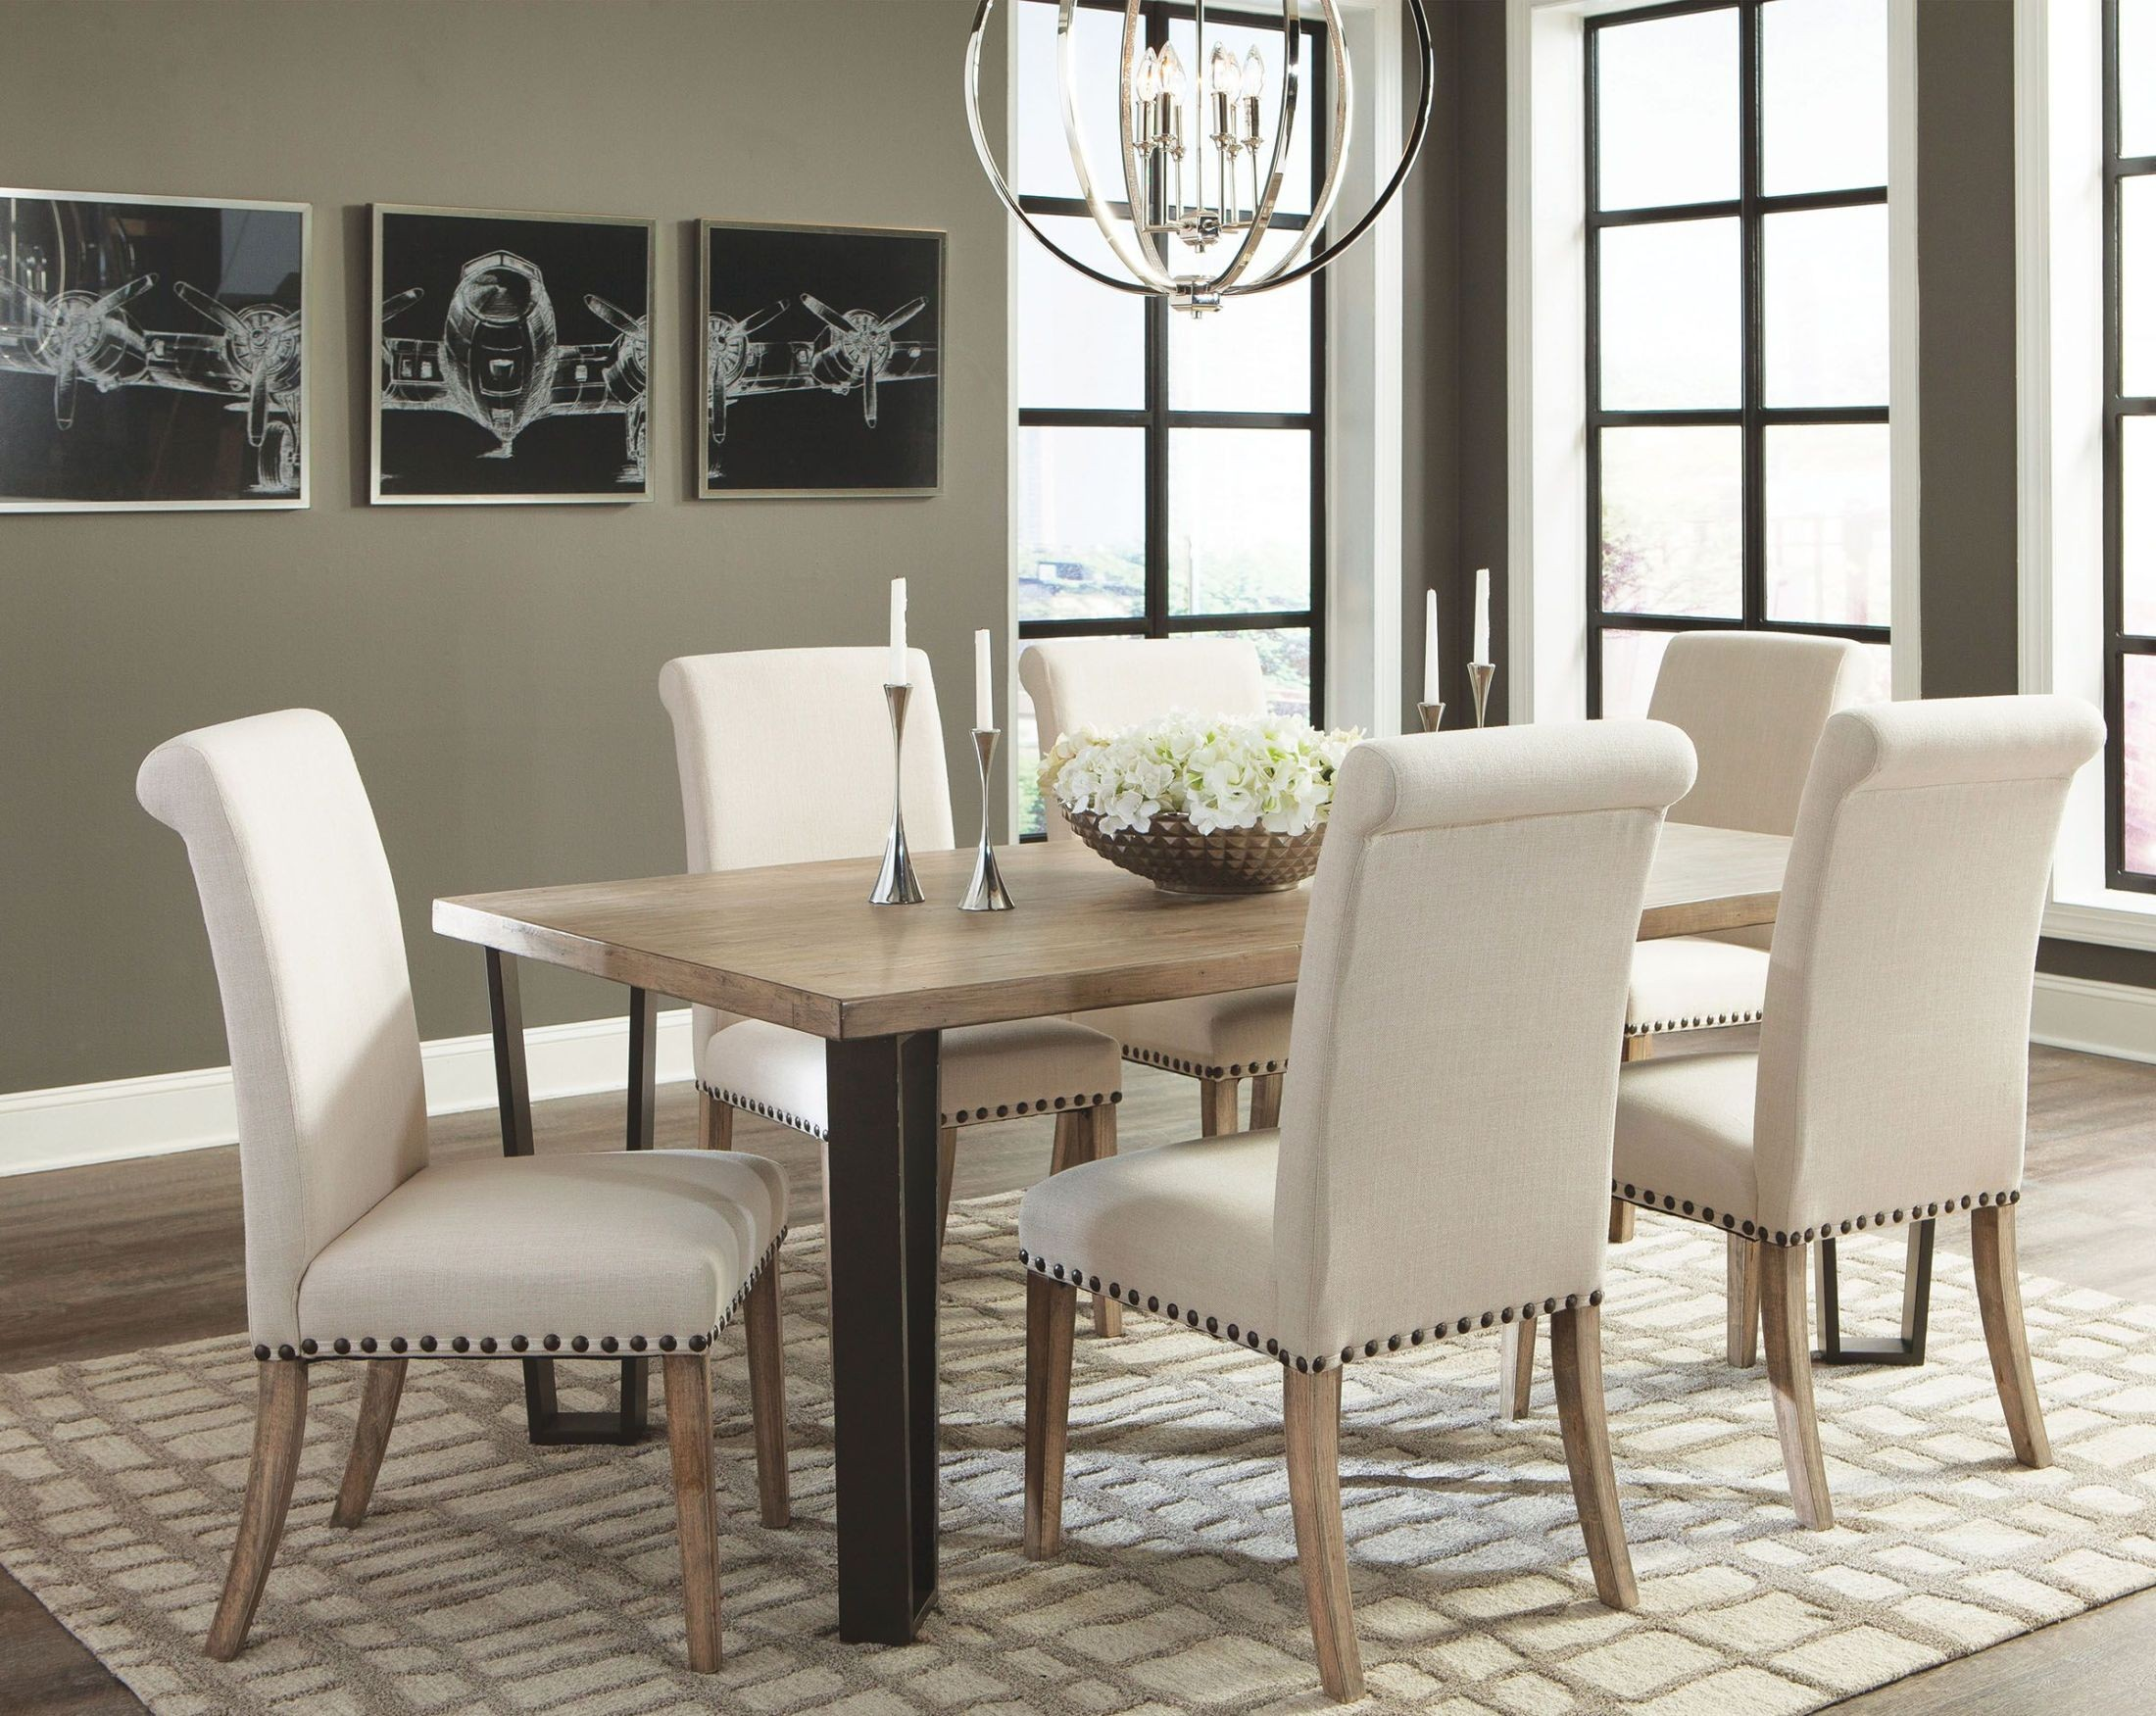 Modern Vintage Rustic Pine Dining Room Set By Donny Osmond